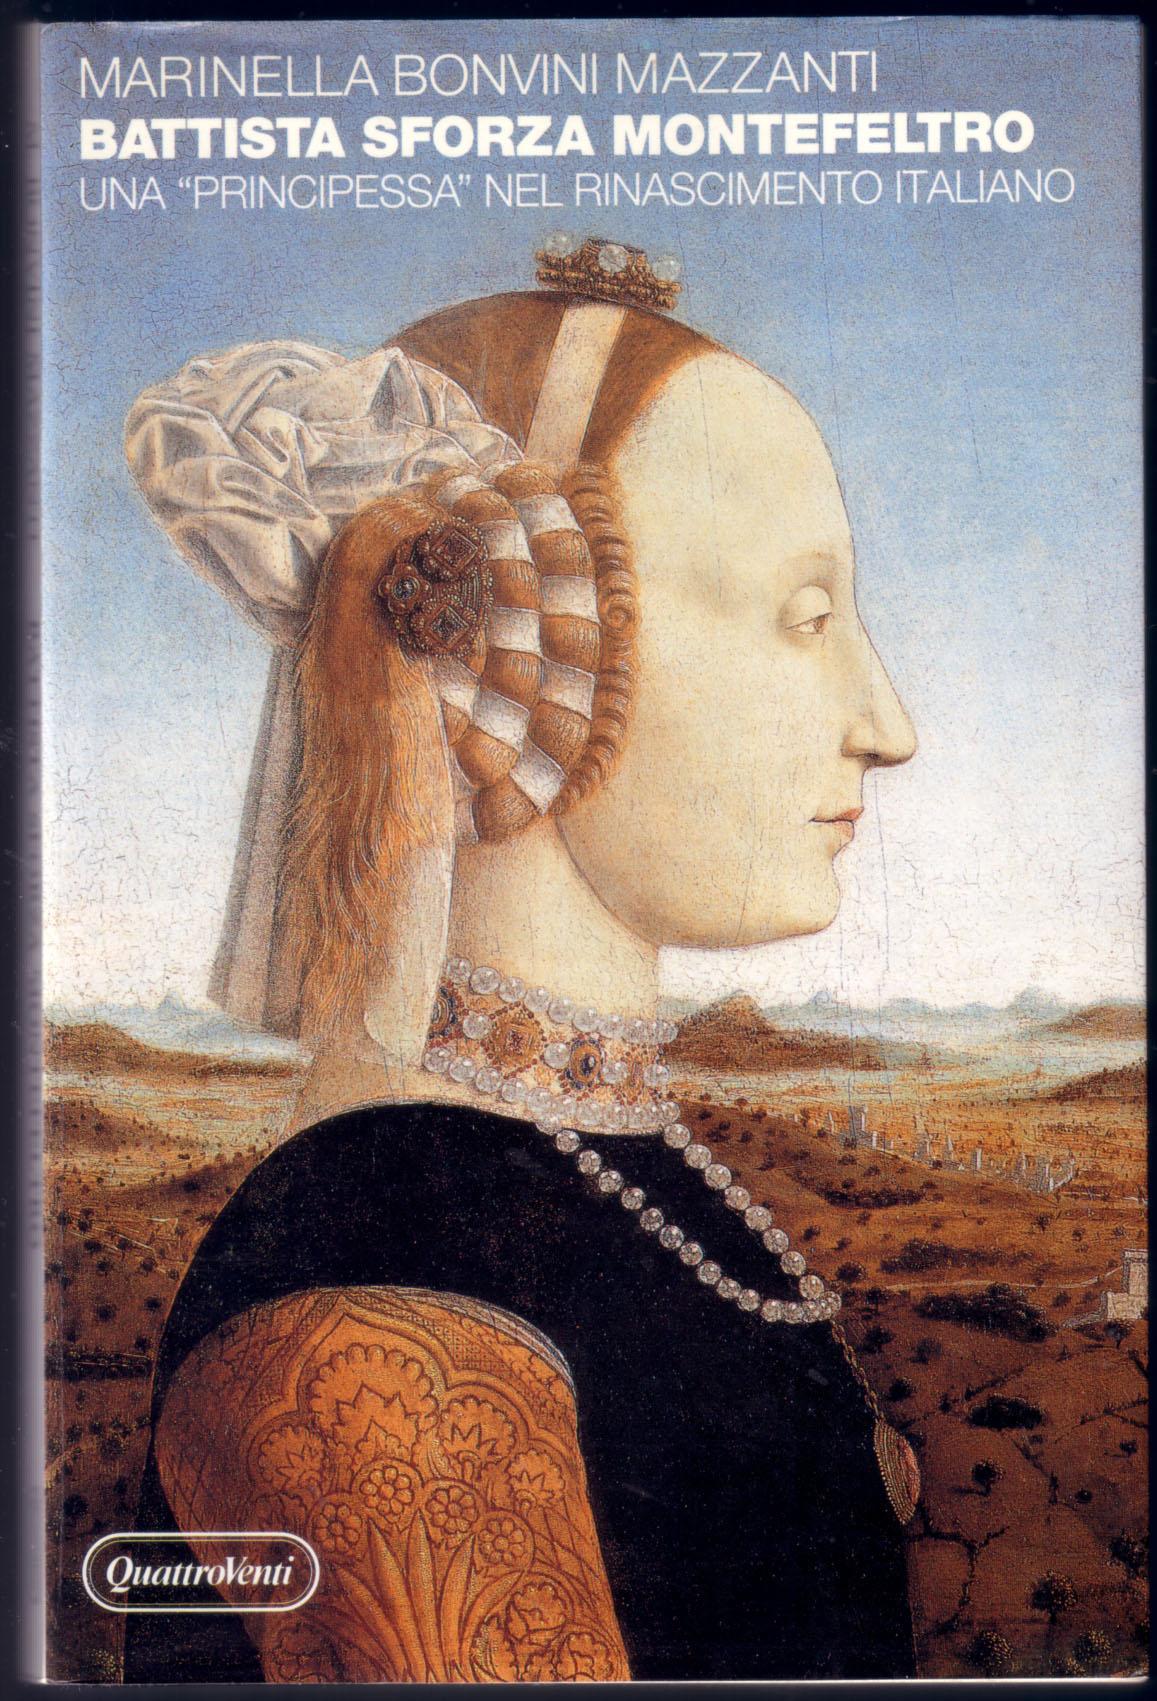 Battista Sforza Montefeltro